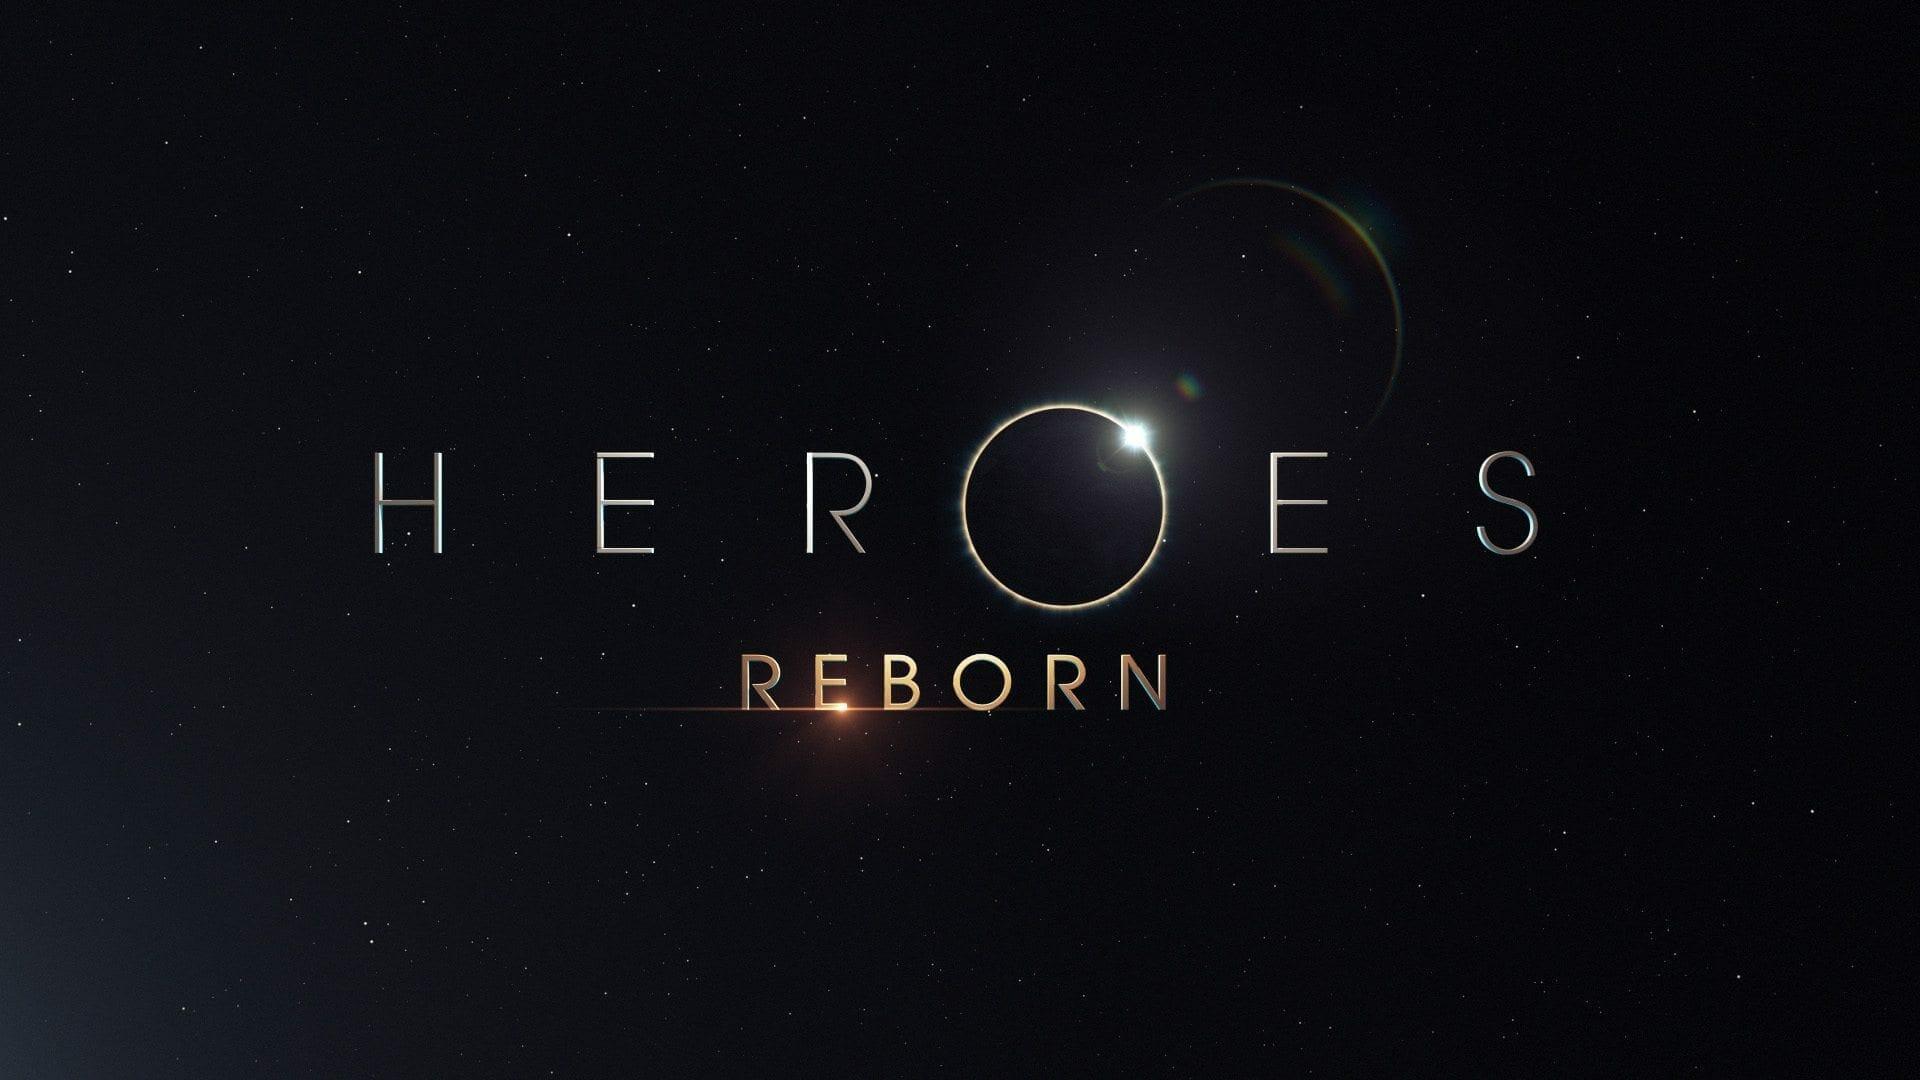 Heroes Reborn - The reboot